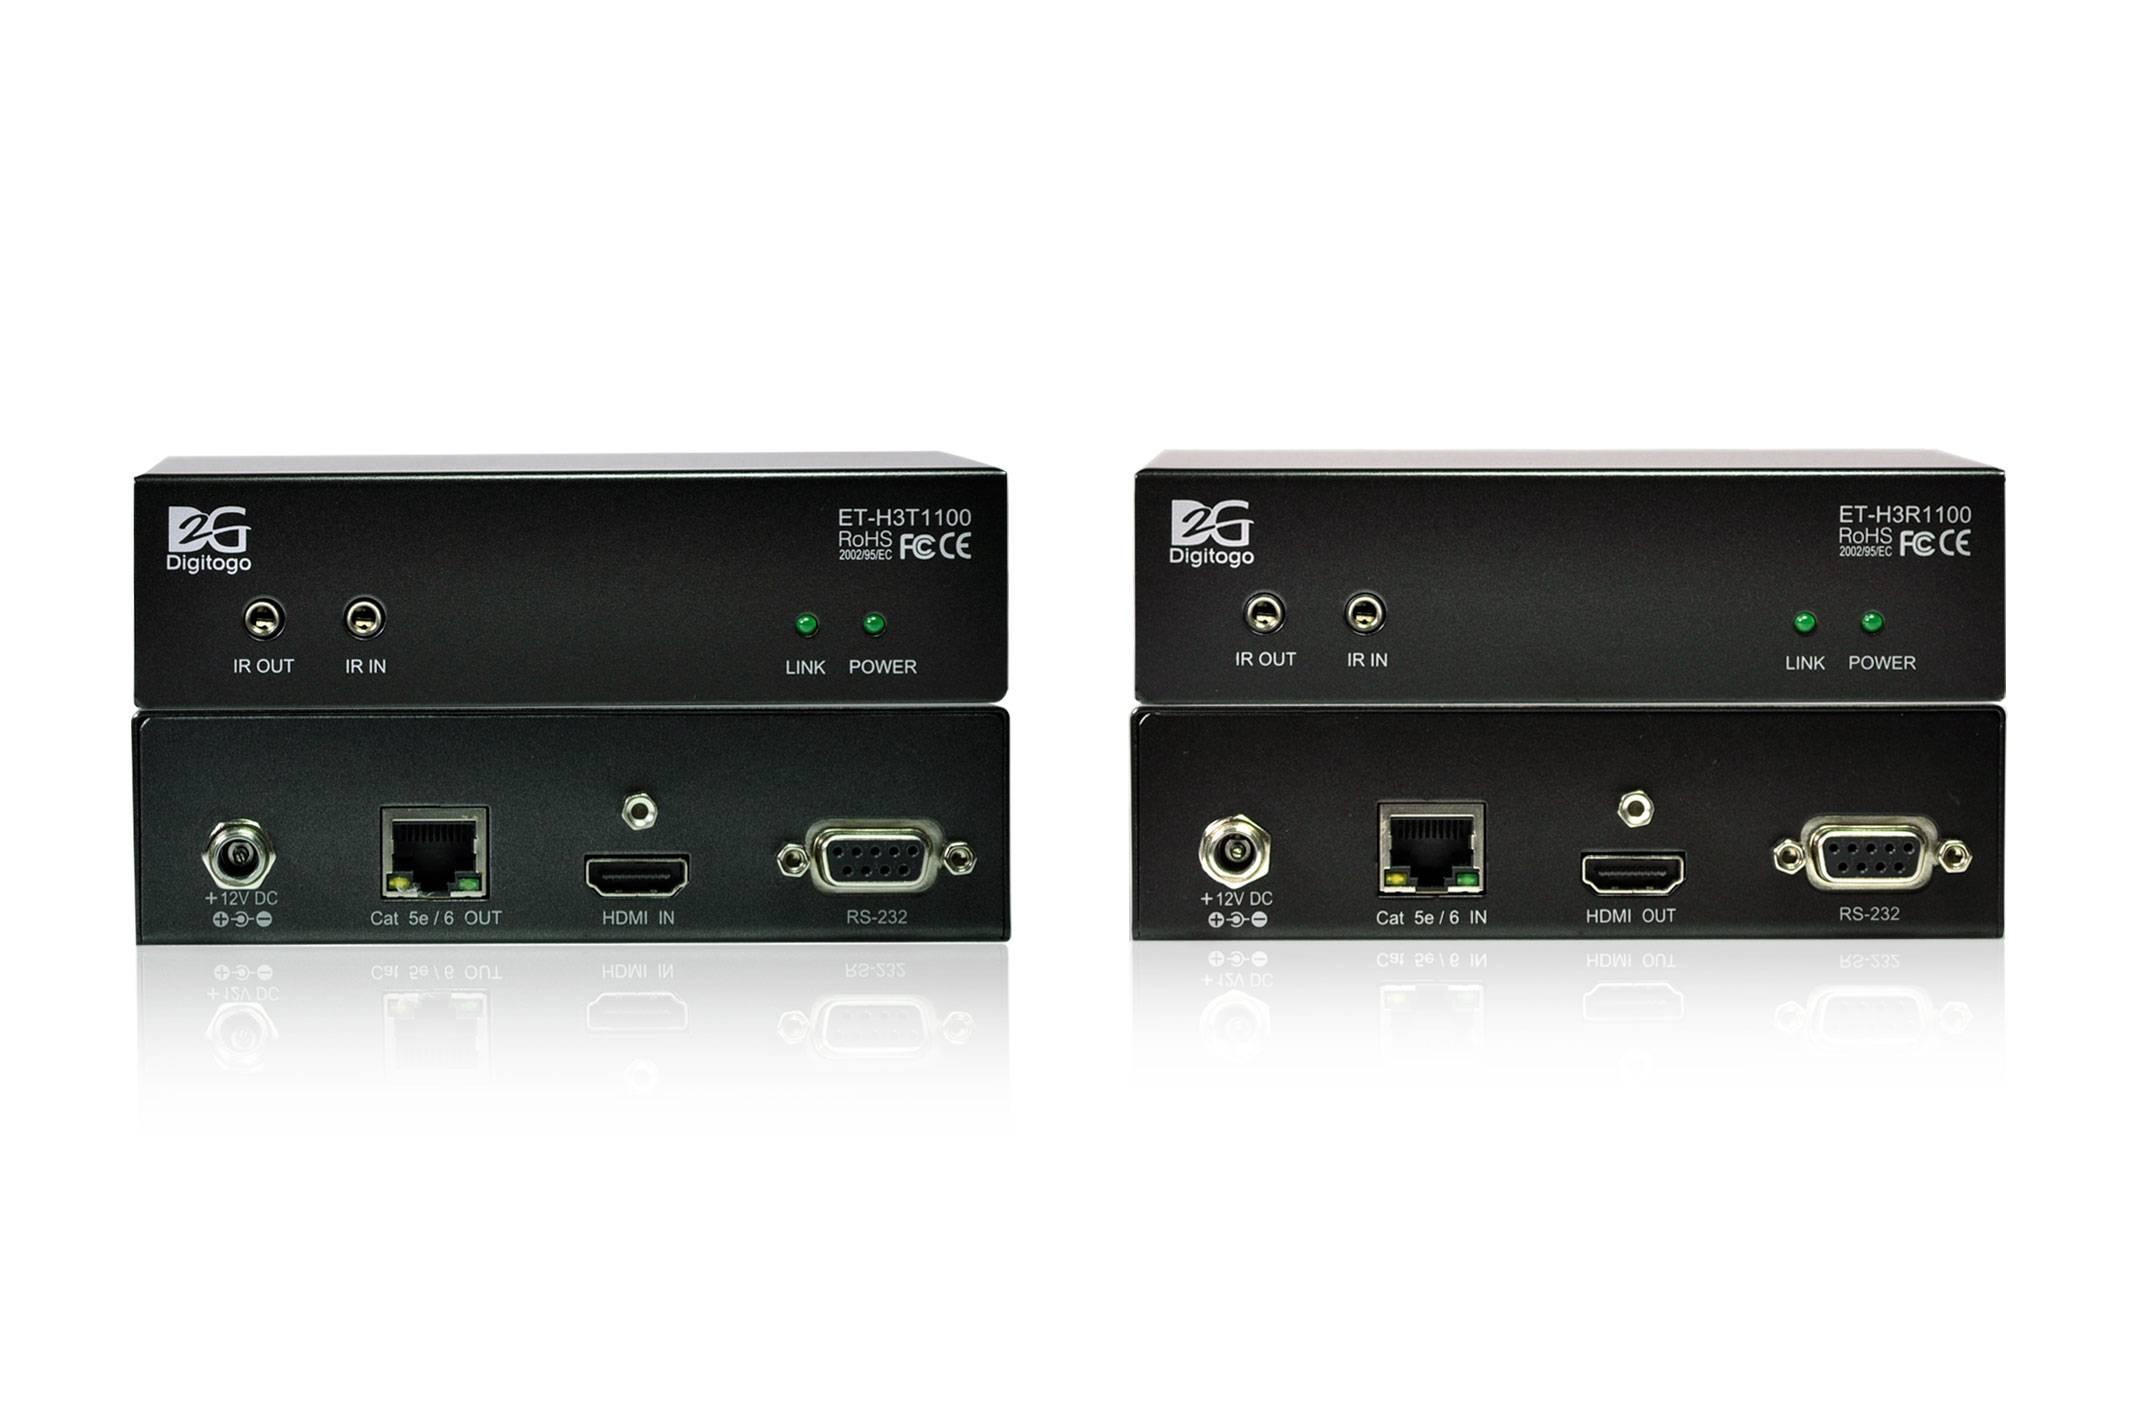 [ET-H3T/R1100] HDBaseT 100m Extender Set w/ Bi-directional RS-232 & IR,support 4K Ultra HD